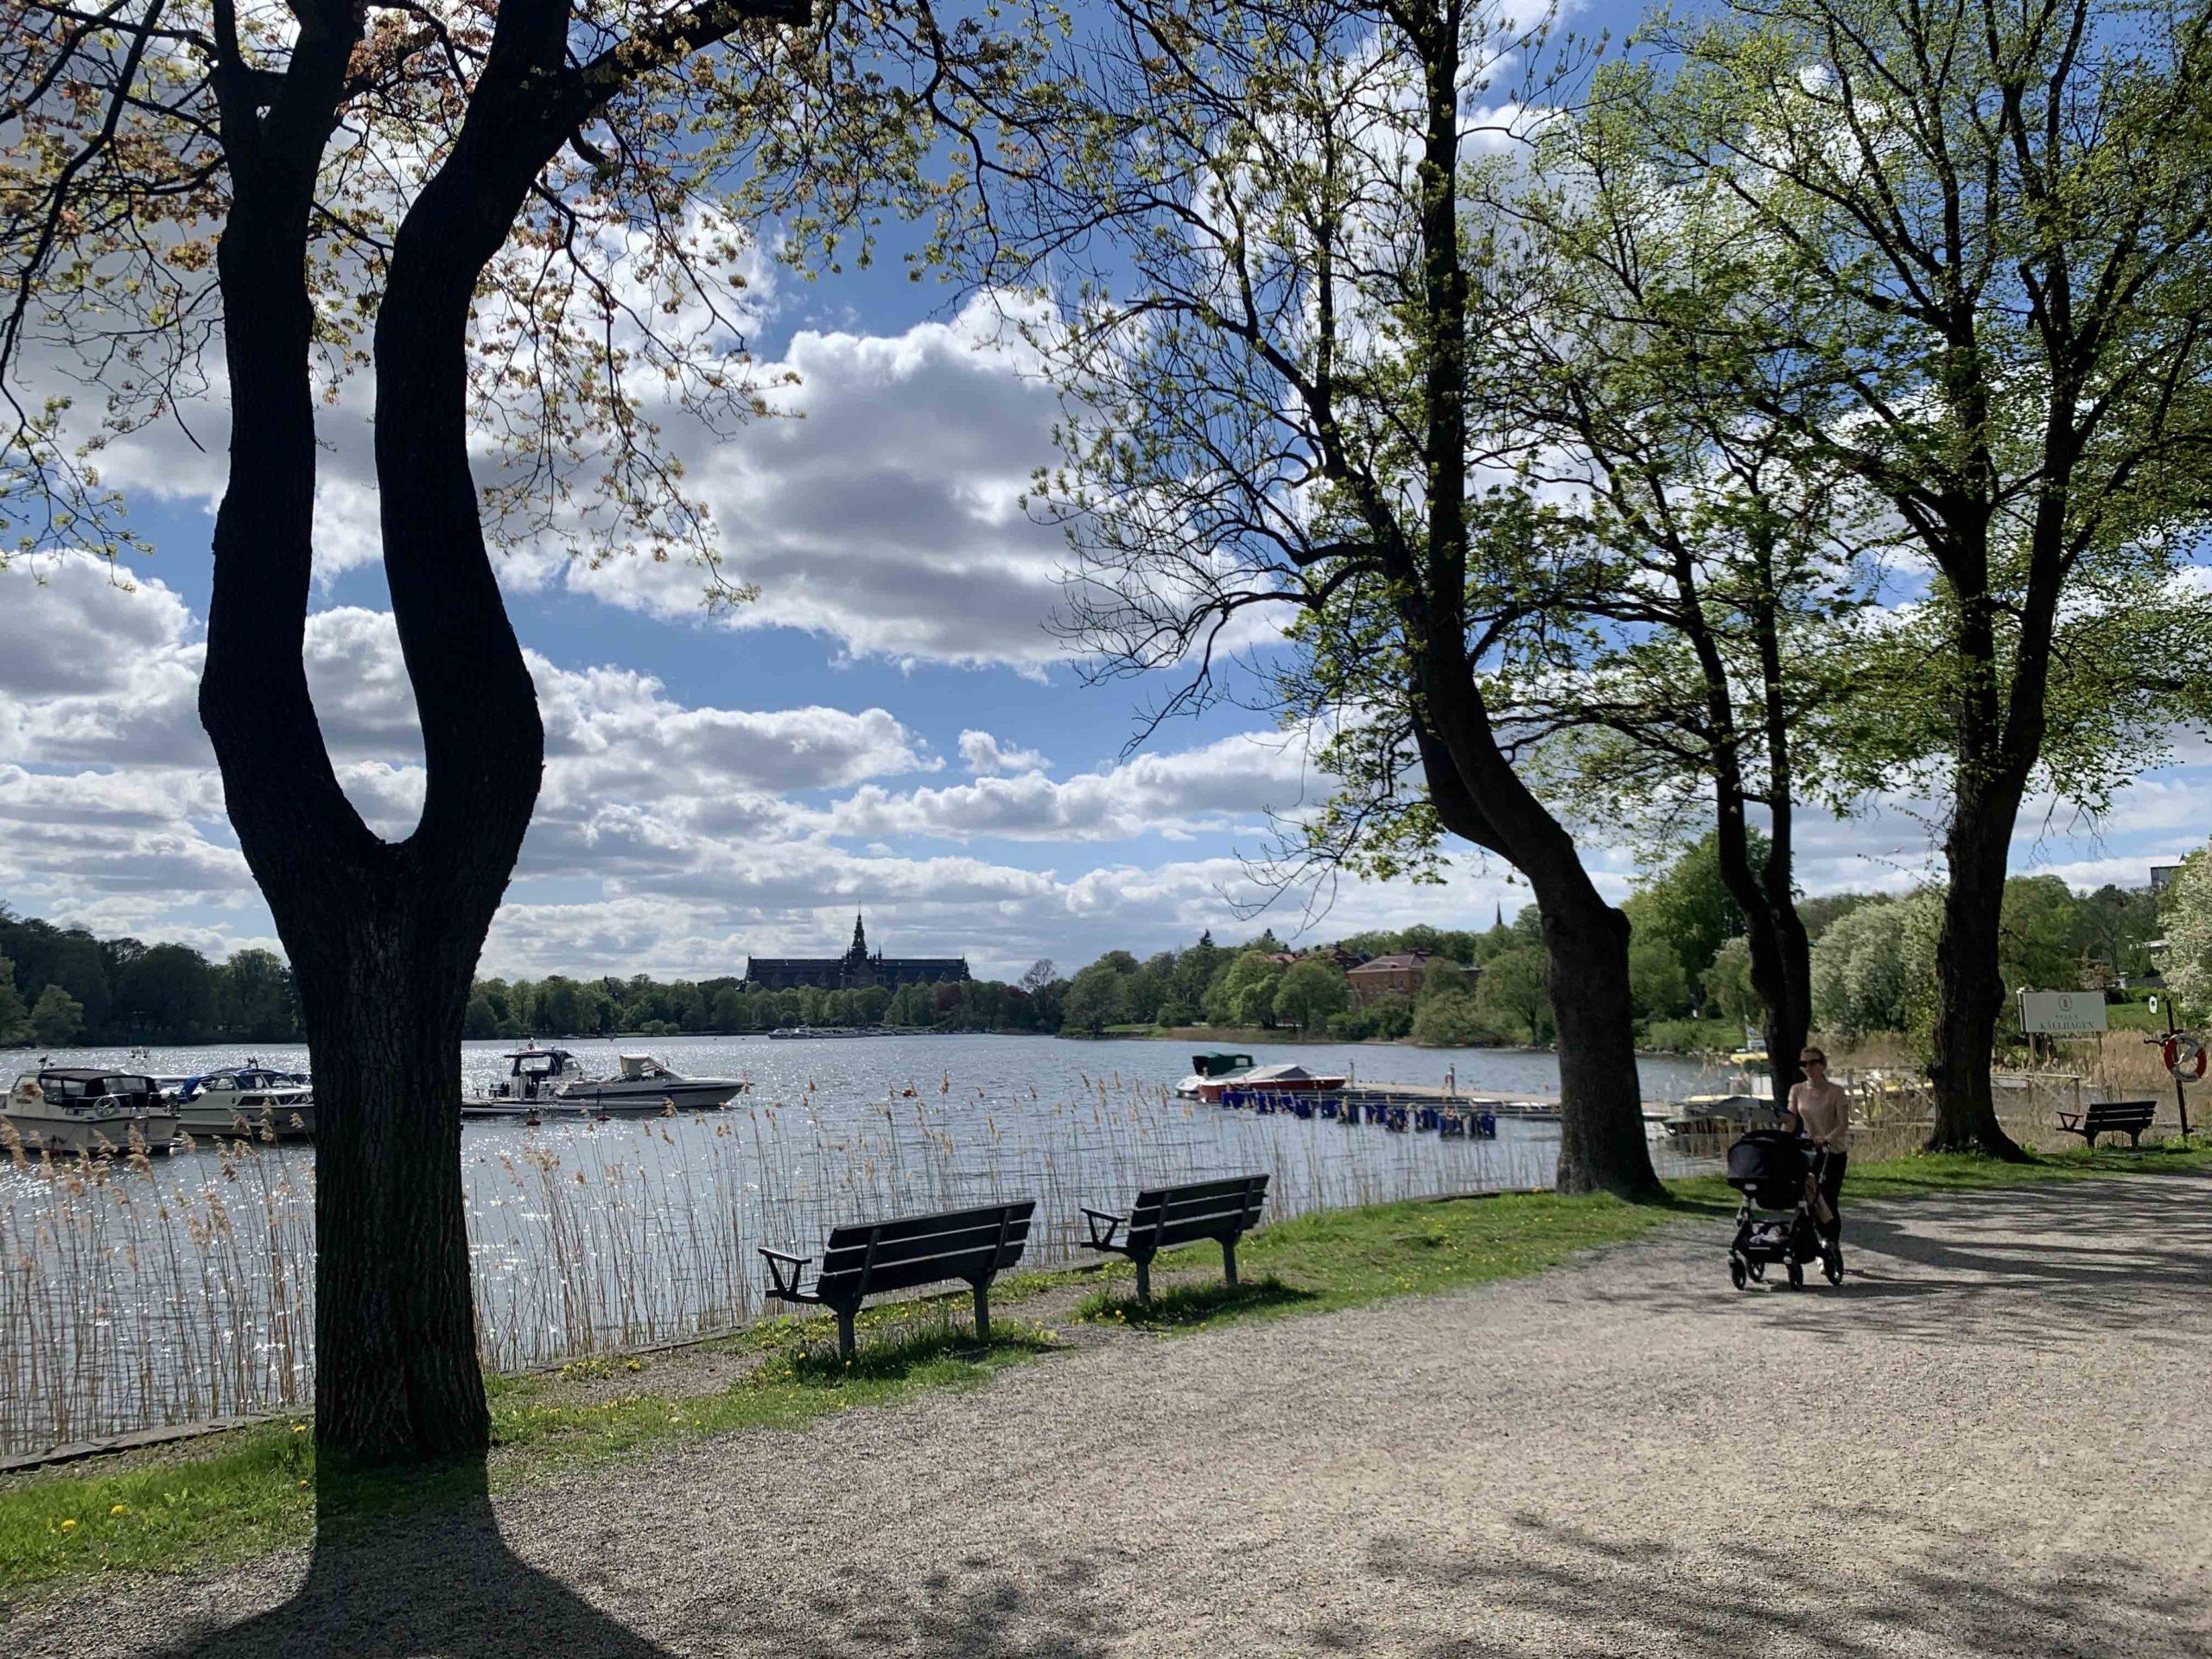 park in Sweden